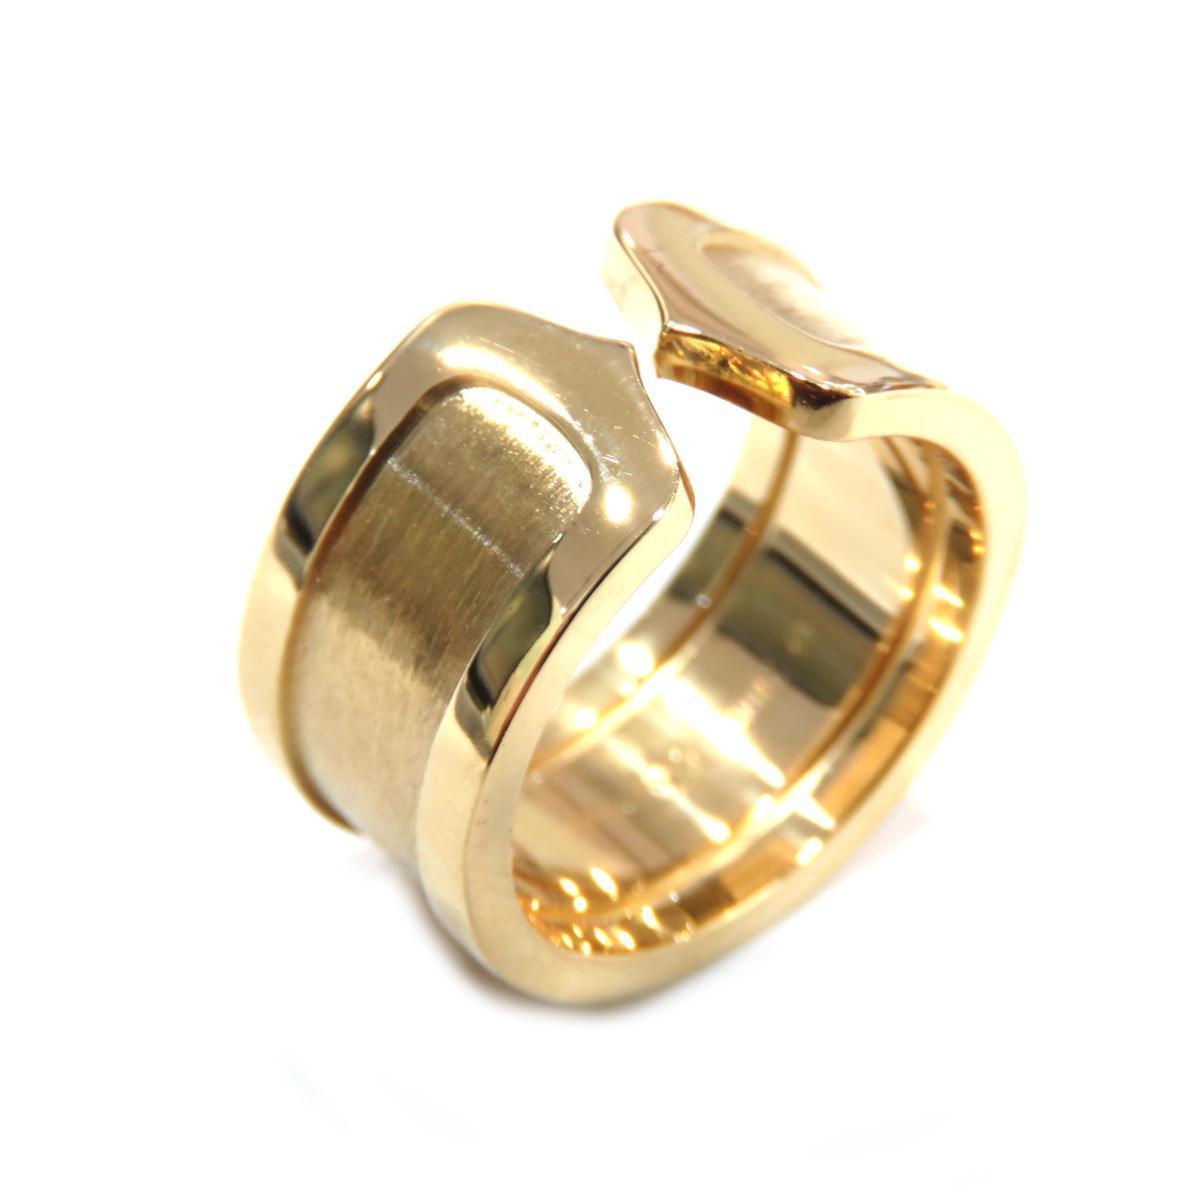 Cartier C2 ring LM Ladies K18YG (750) # 50 No. 10